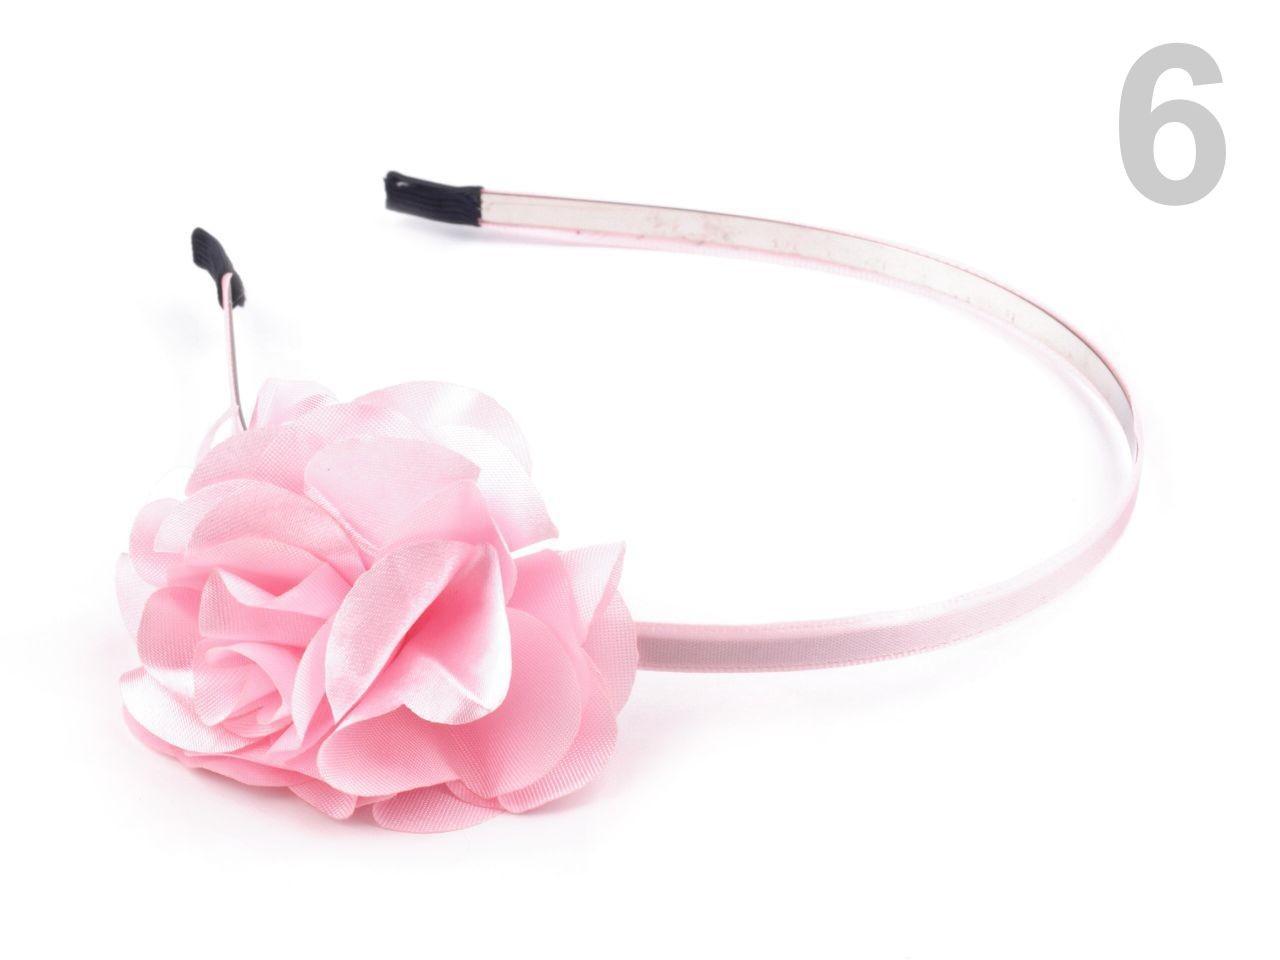 Čelenka kovová s květem Ø 50mm 1ks - 57 Kč / ks 6 růžová sv.